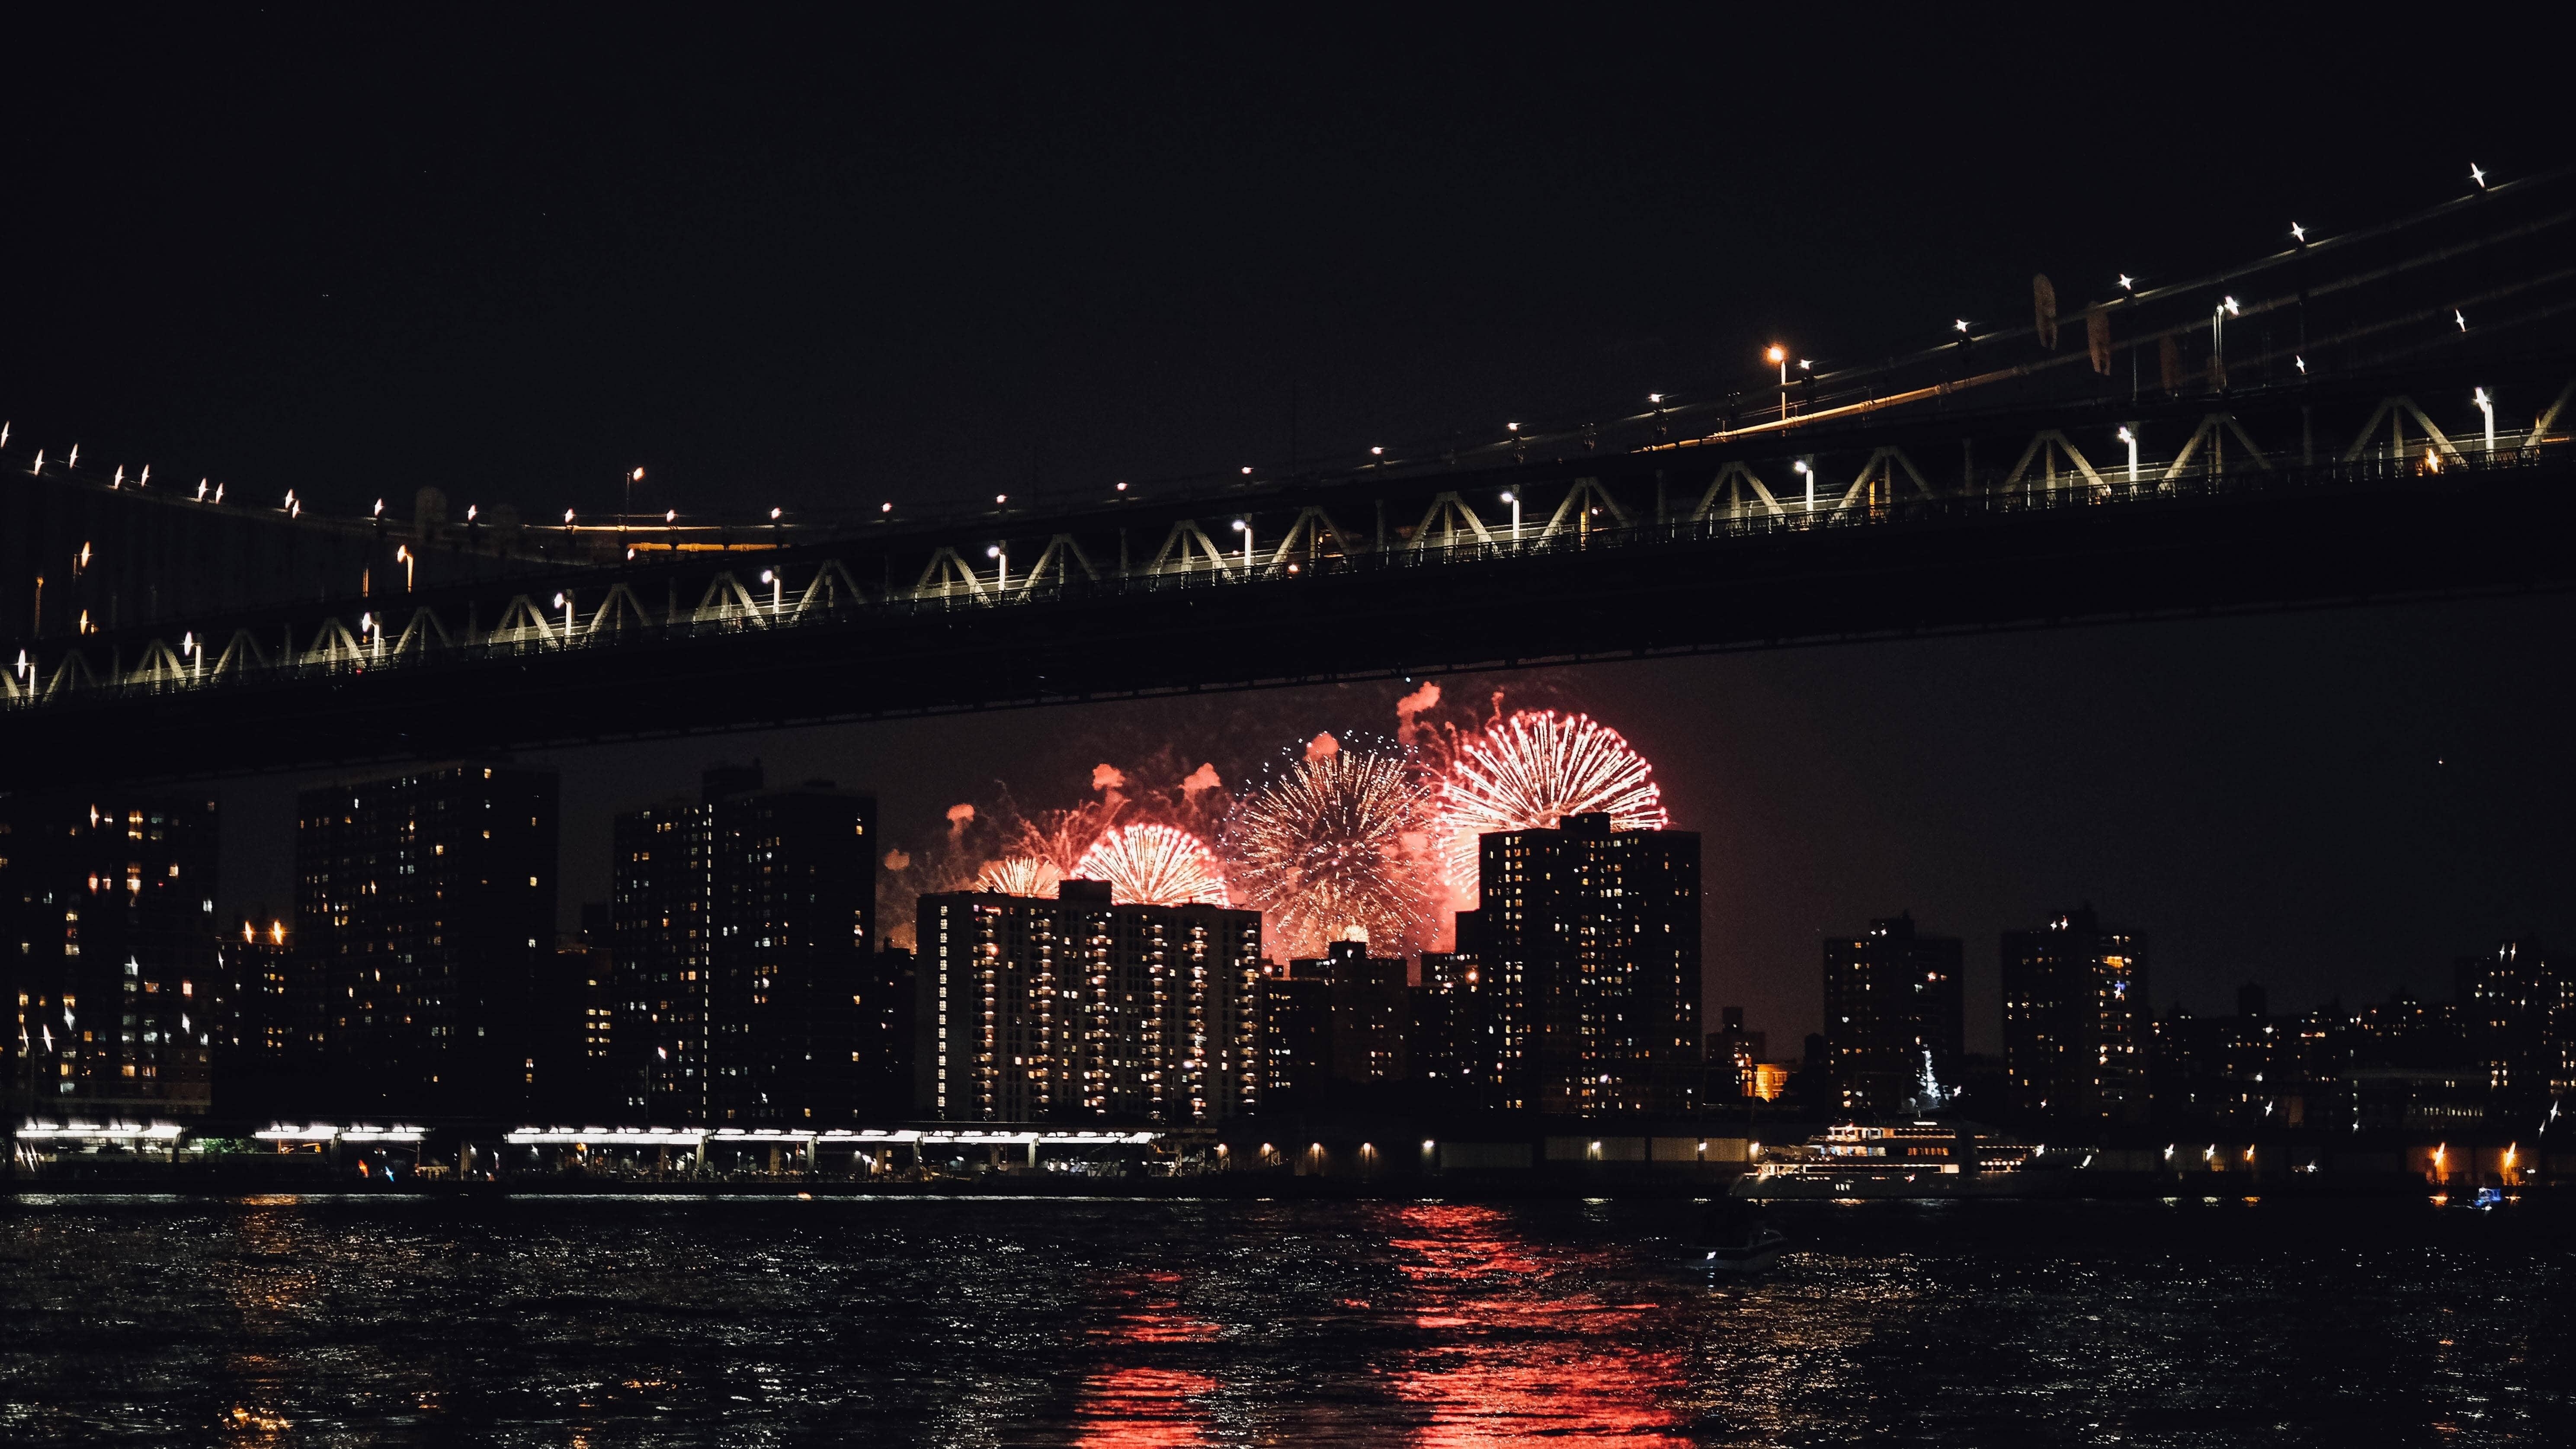 fogos de artifício atrás de prédios durante a noite